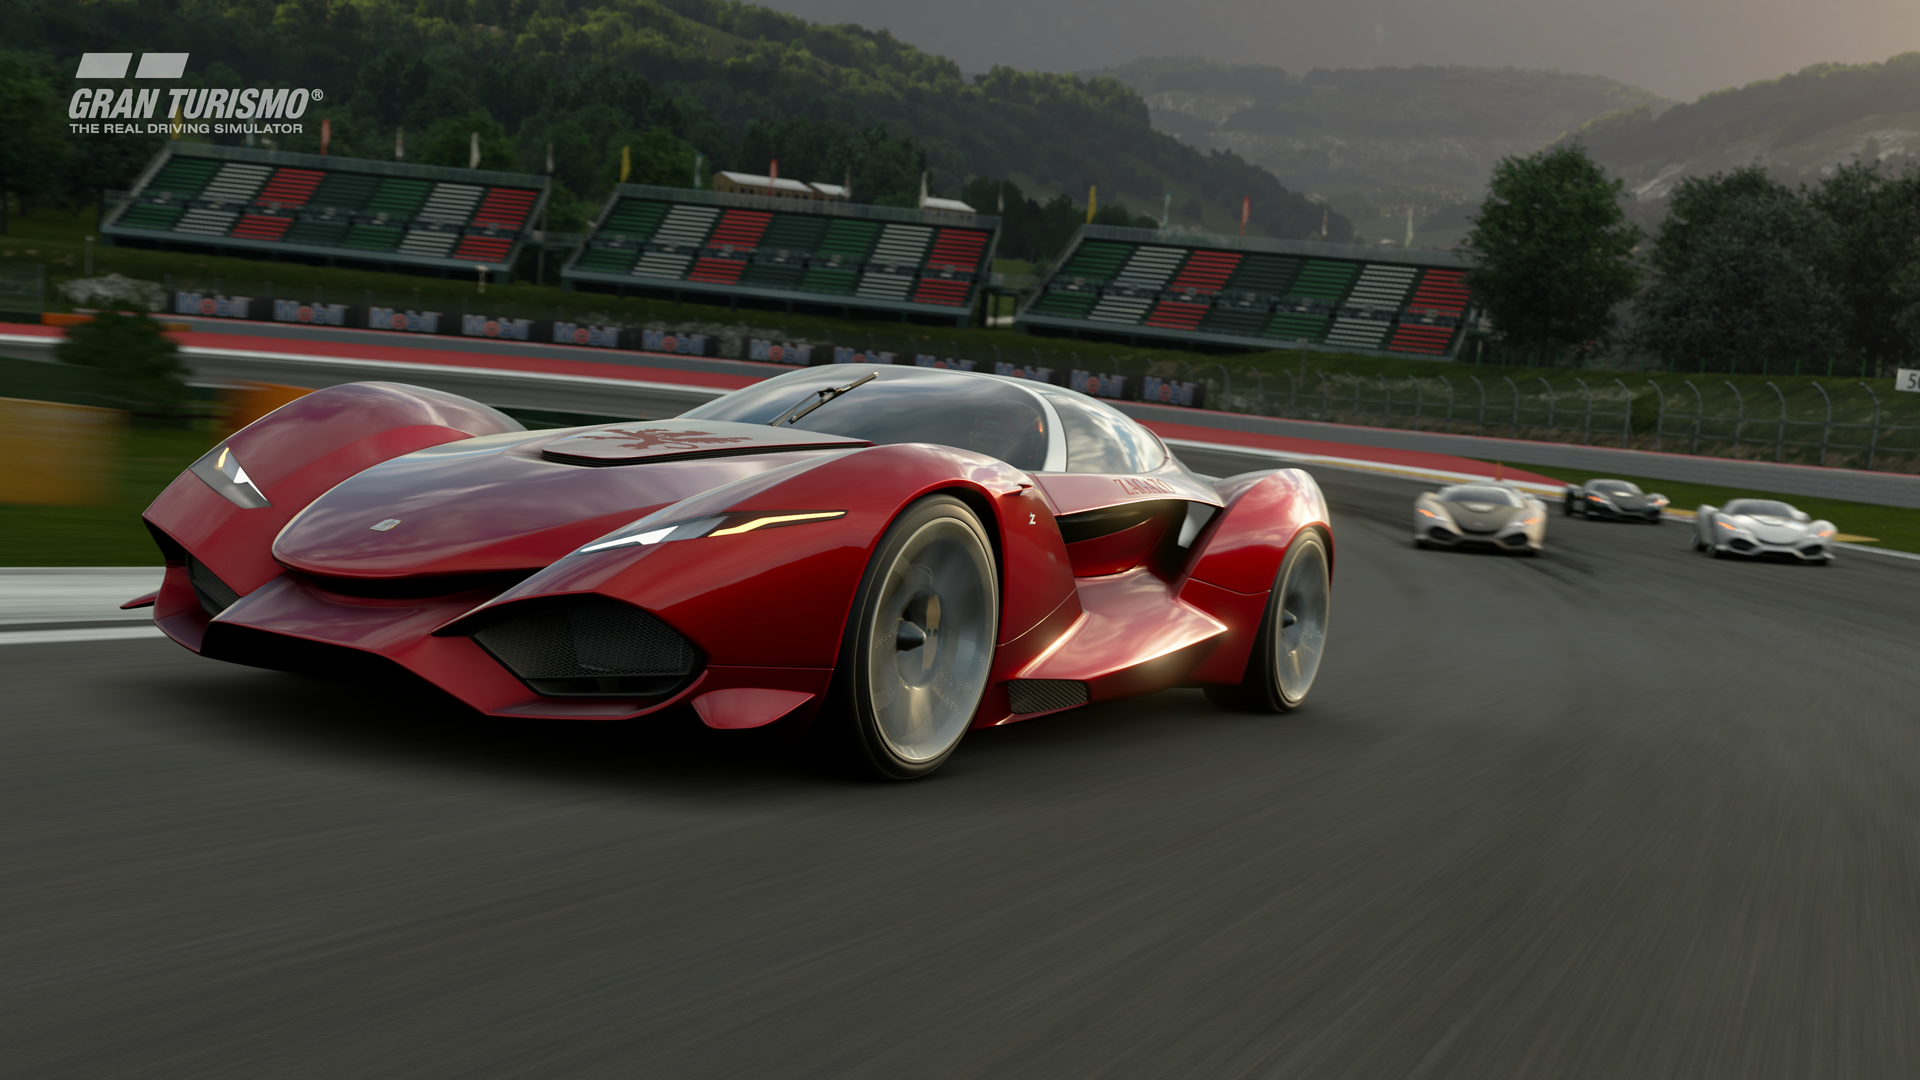 بهروزرسانی Gran Turismo Sport با ۱۲ اتومبیل جدید در هفته آینده عرضه میشود